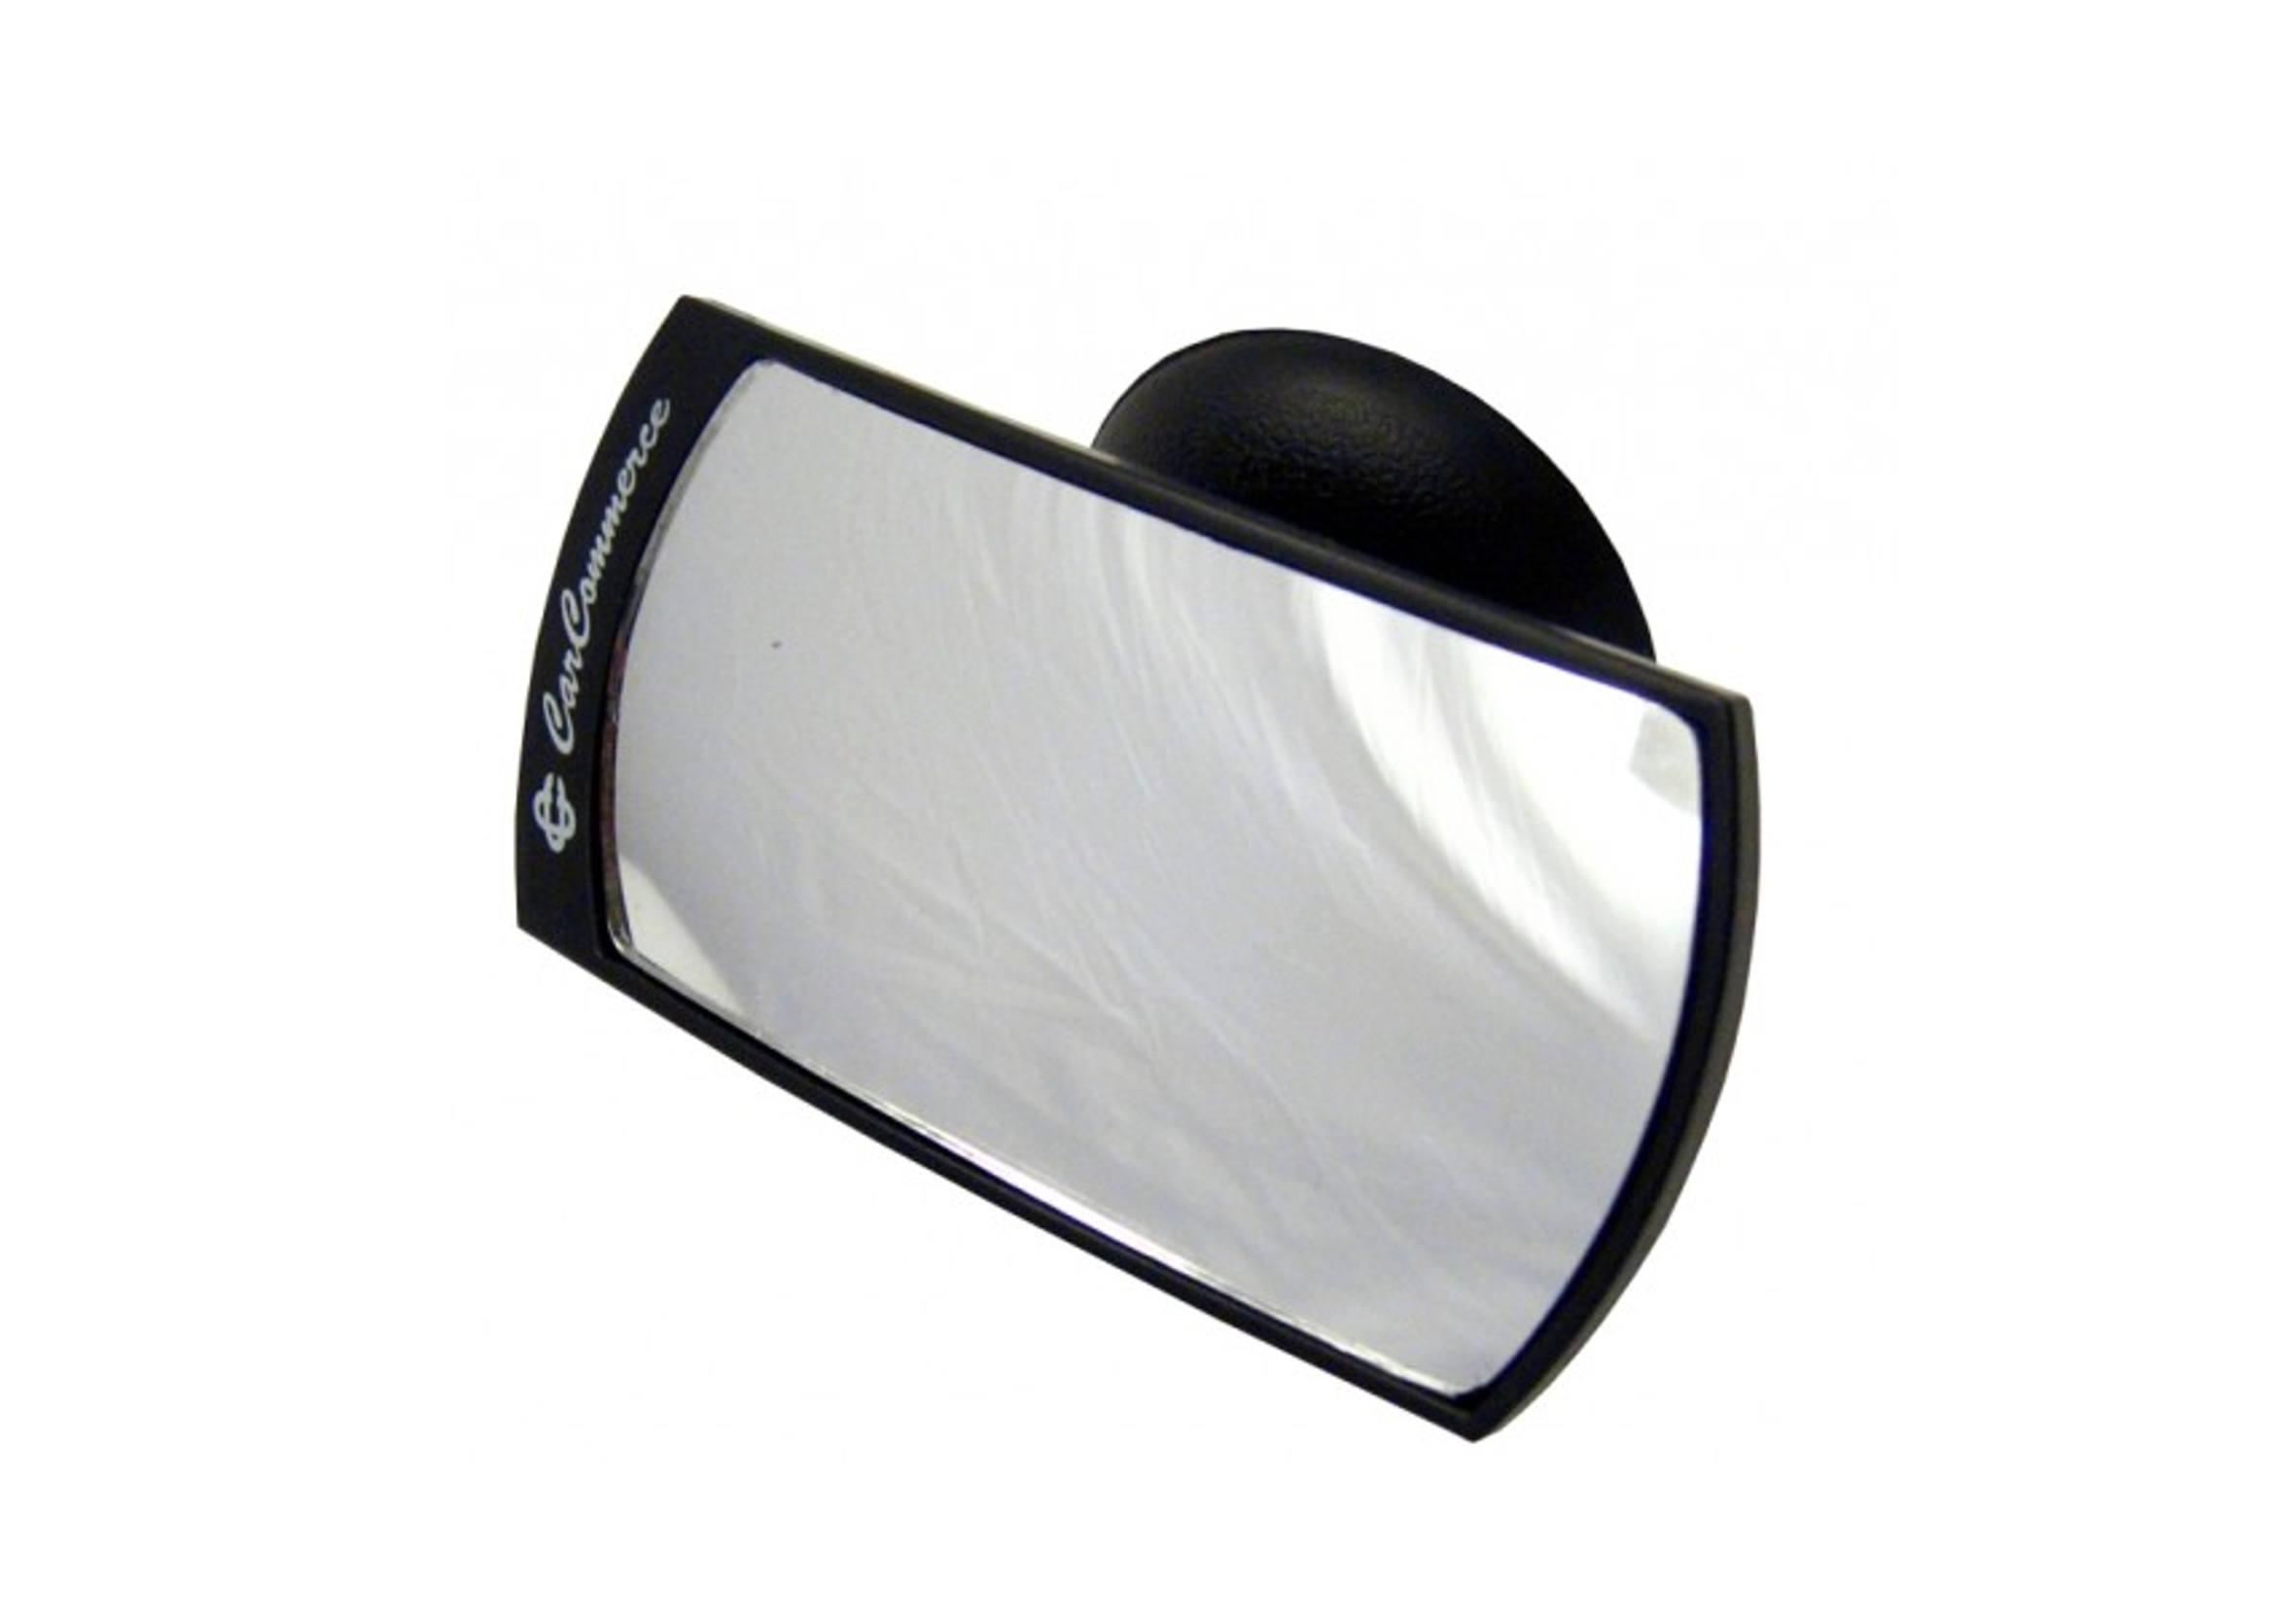 зеркало внутренние на присоску заднего вида